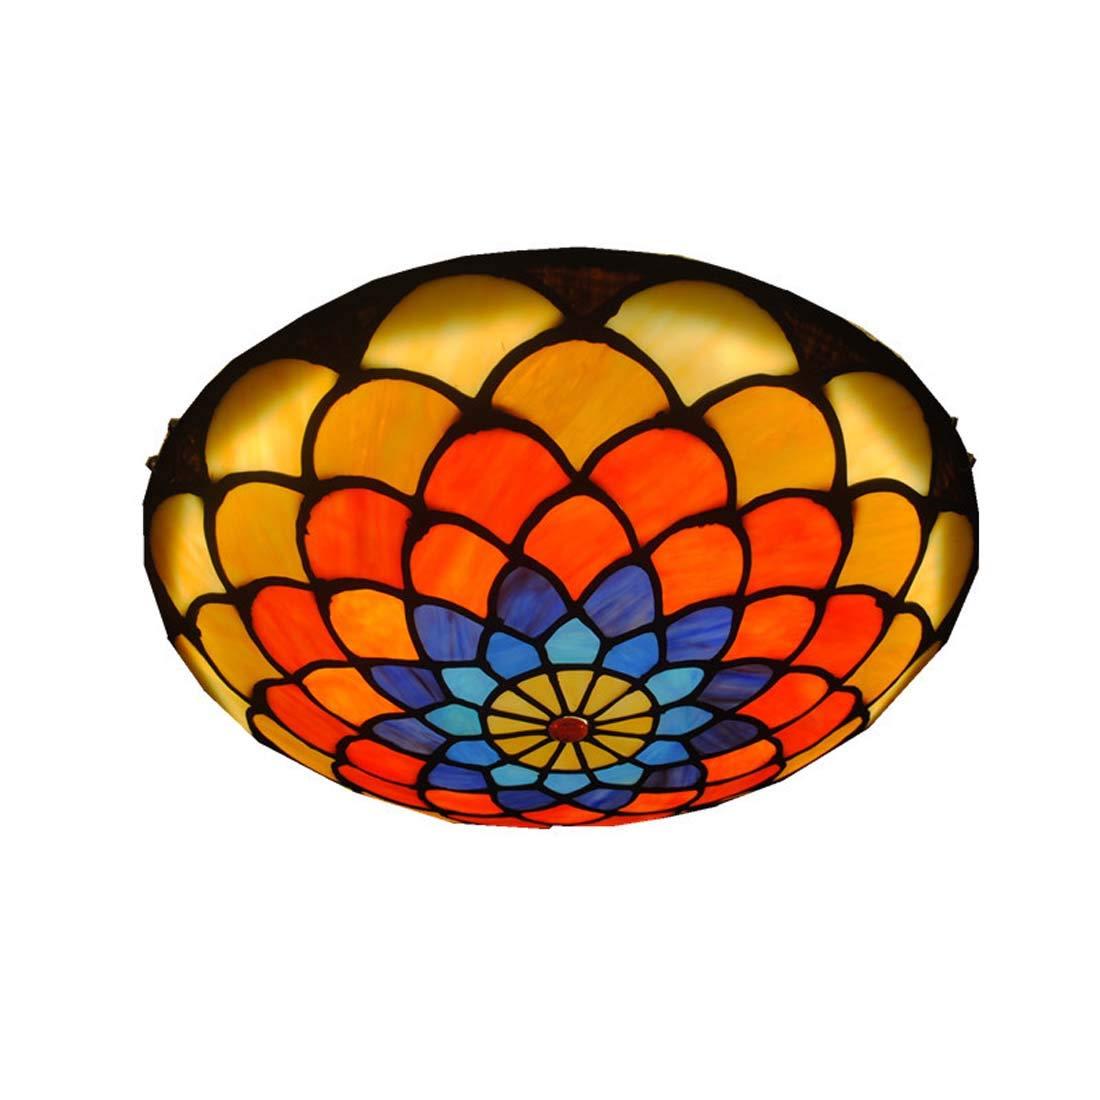 Mittelmeer Deckenleuchte Runde LED Gang Deckenleuchte Schlafzimmer Glas Lampenschirm Gang Deckenleuchte 220 V (V) (Größe   40)